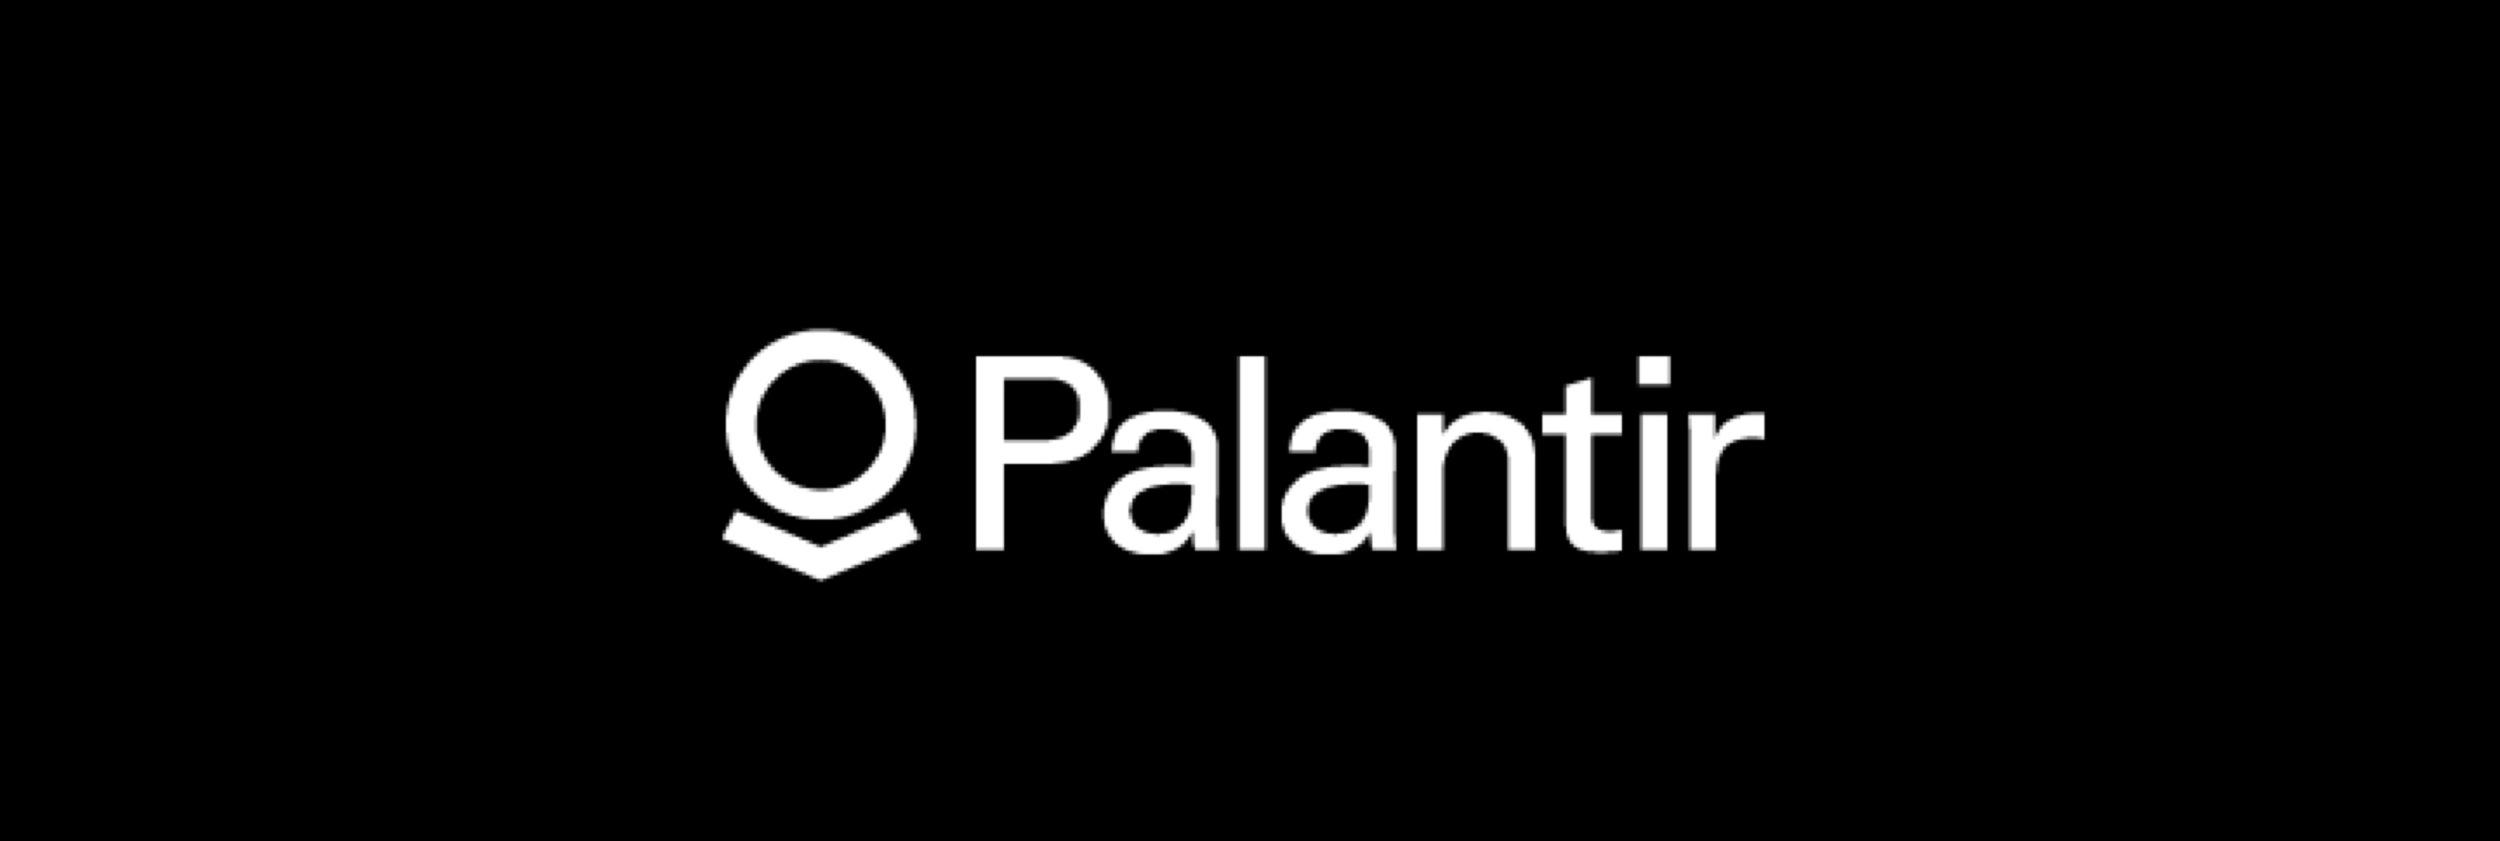 PalantirLogo